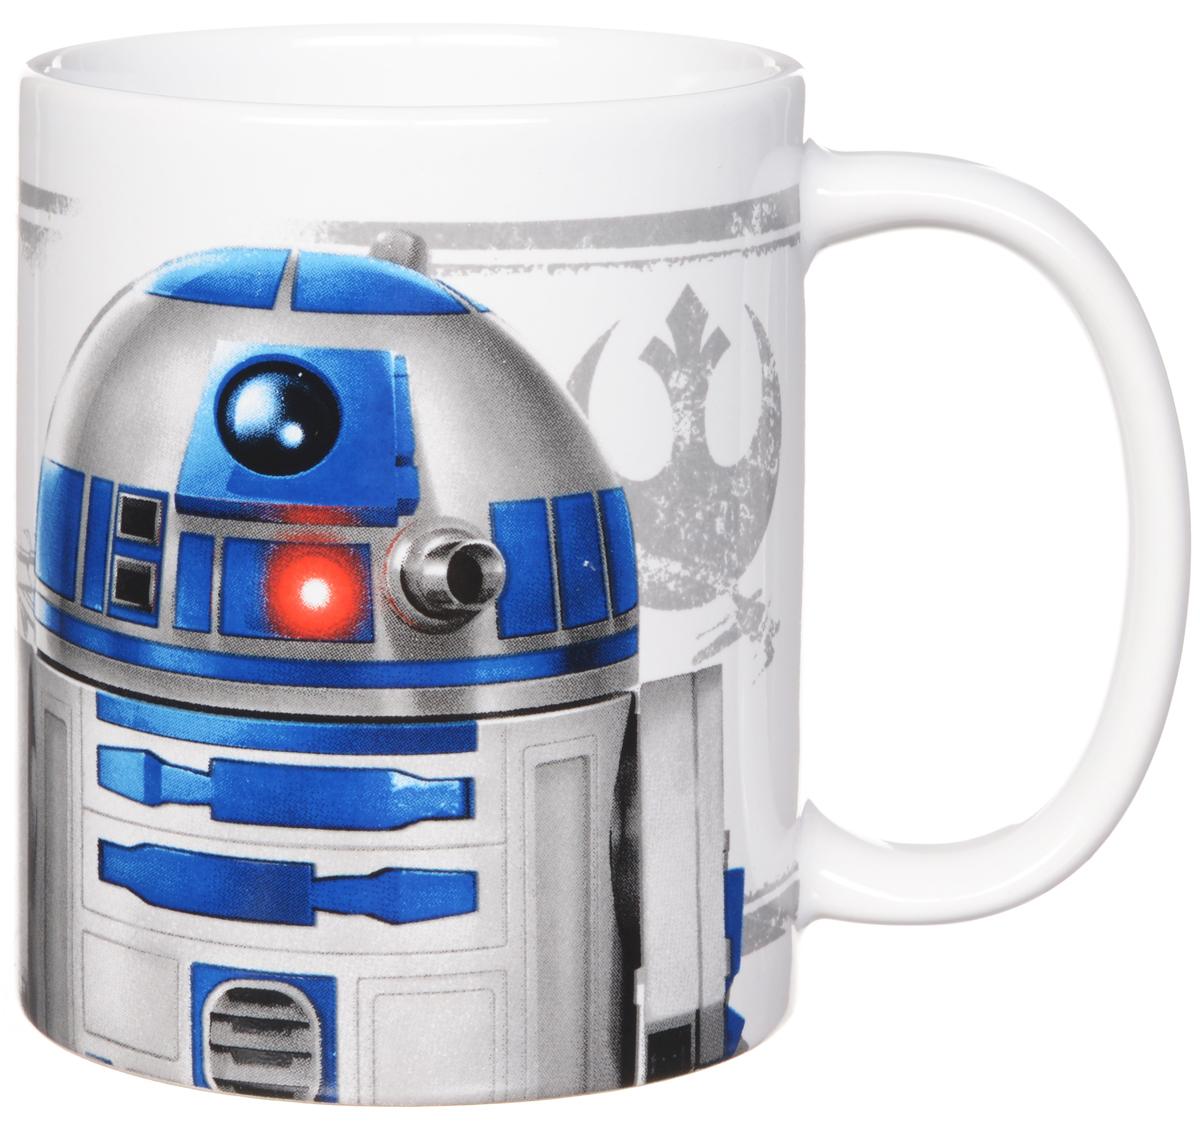 Star Wars Кружка детская R2D2 350 млSWC01-3Детская кружка Star Wars R2D2 станет отличным подарком для любого фаната знаменитой саги. Она выполнена из керамики белого цвета и оформлена рисунком с изображением одного из главных героев Звездных войн дроида R2D2. Большая ручка обеспечит удобство использования. Объем кружки: 350 мл. Подходит для использования в посудомоечной машине и СВЧ-печи.